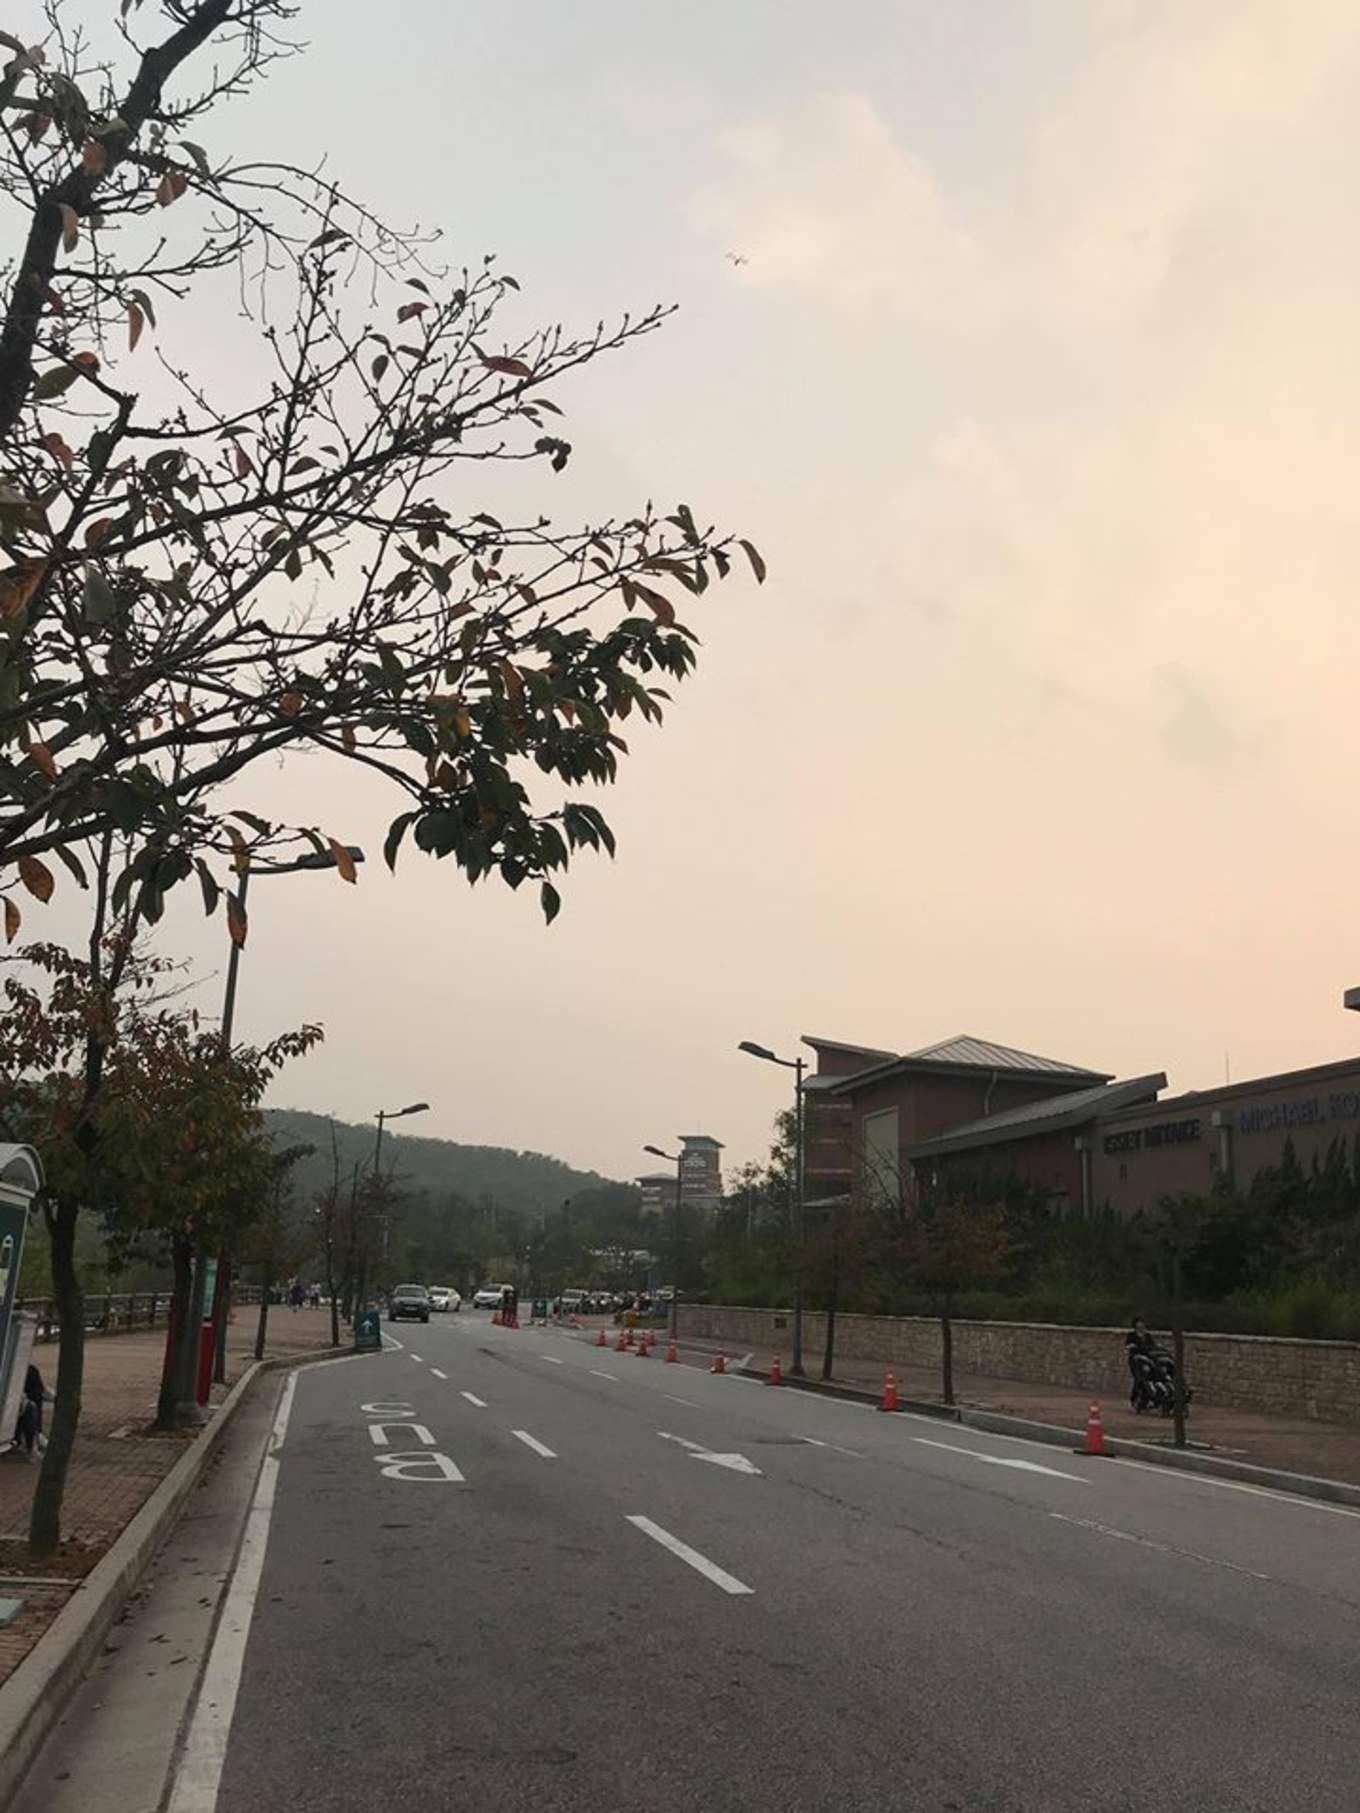 gyeonggi-do là nơi mua sắm ở seoul